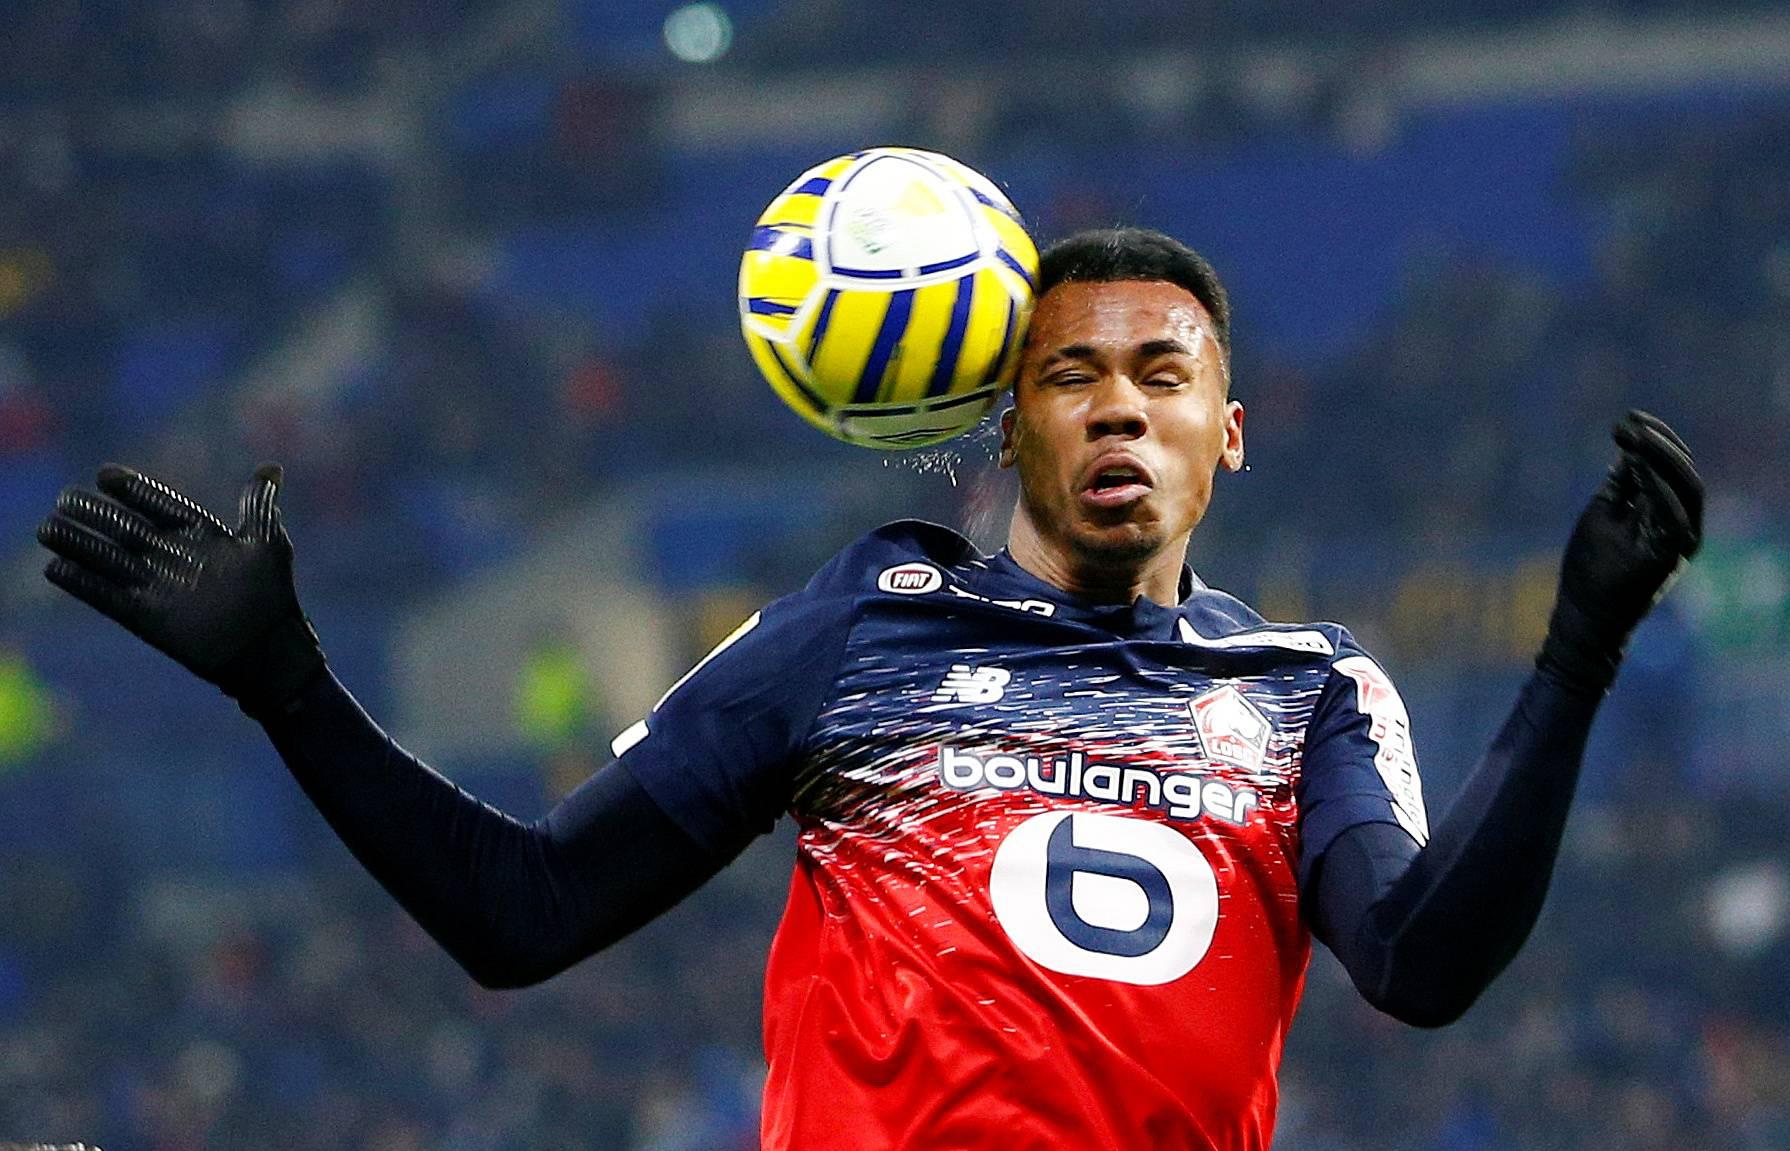 Coupe de la Ligue - Semi Final - Olympique Lyonnais v Lille